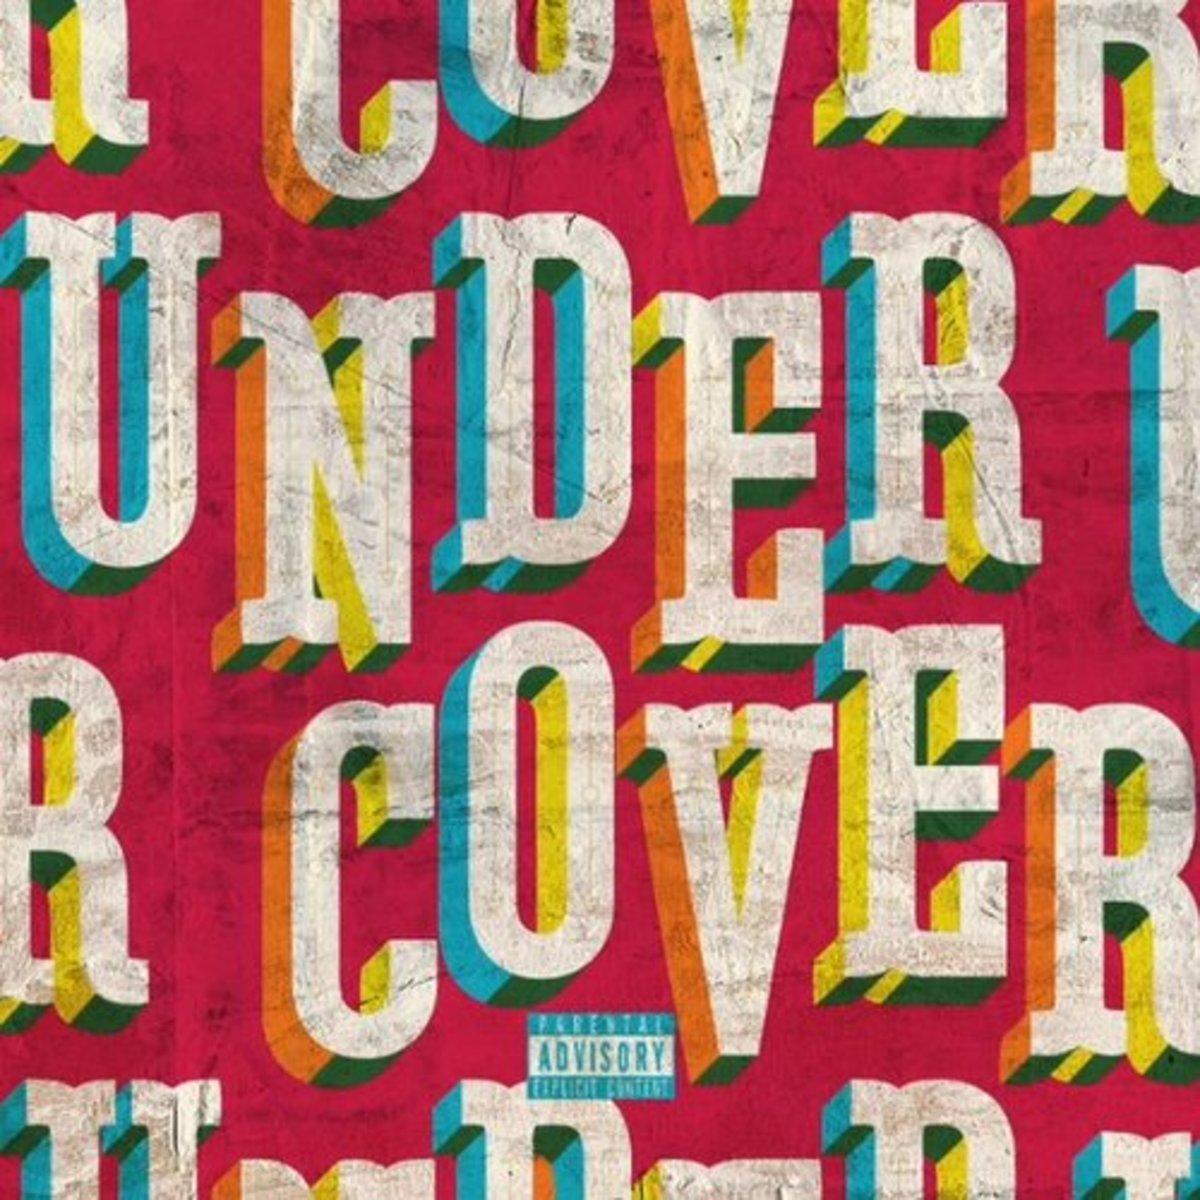 kehlani-undercover.jpg